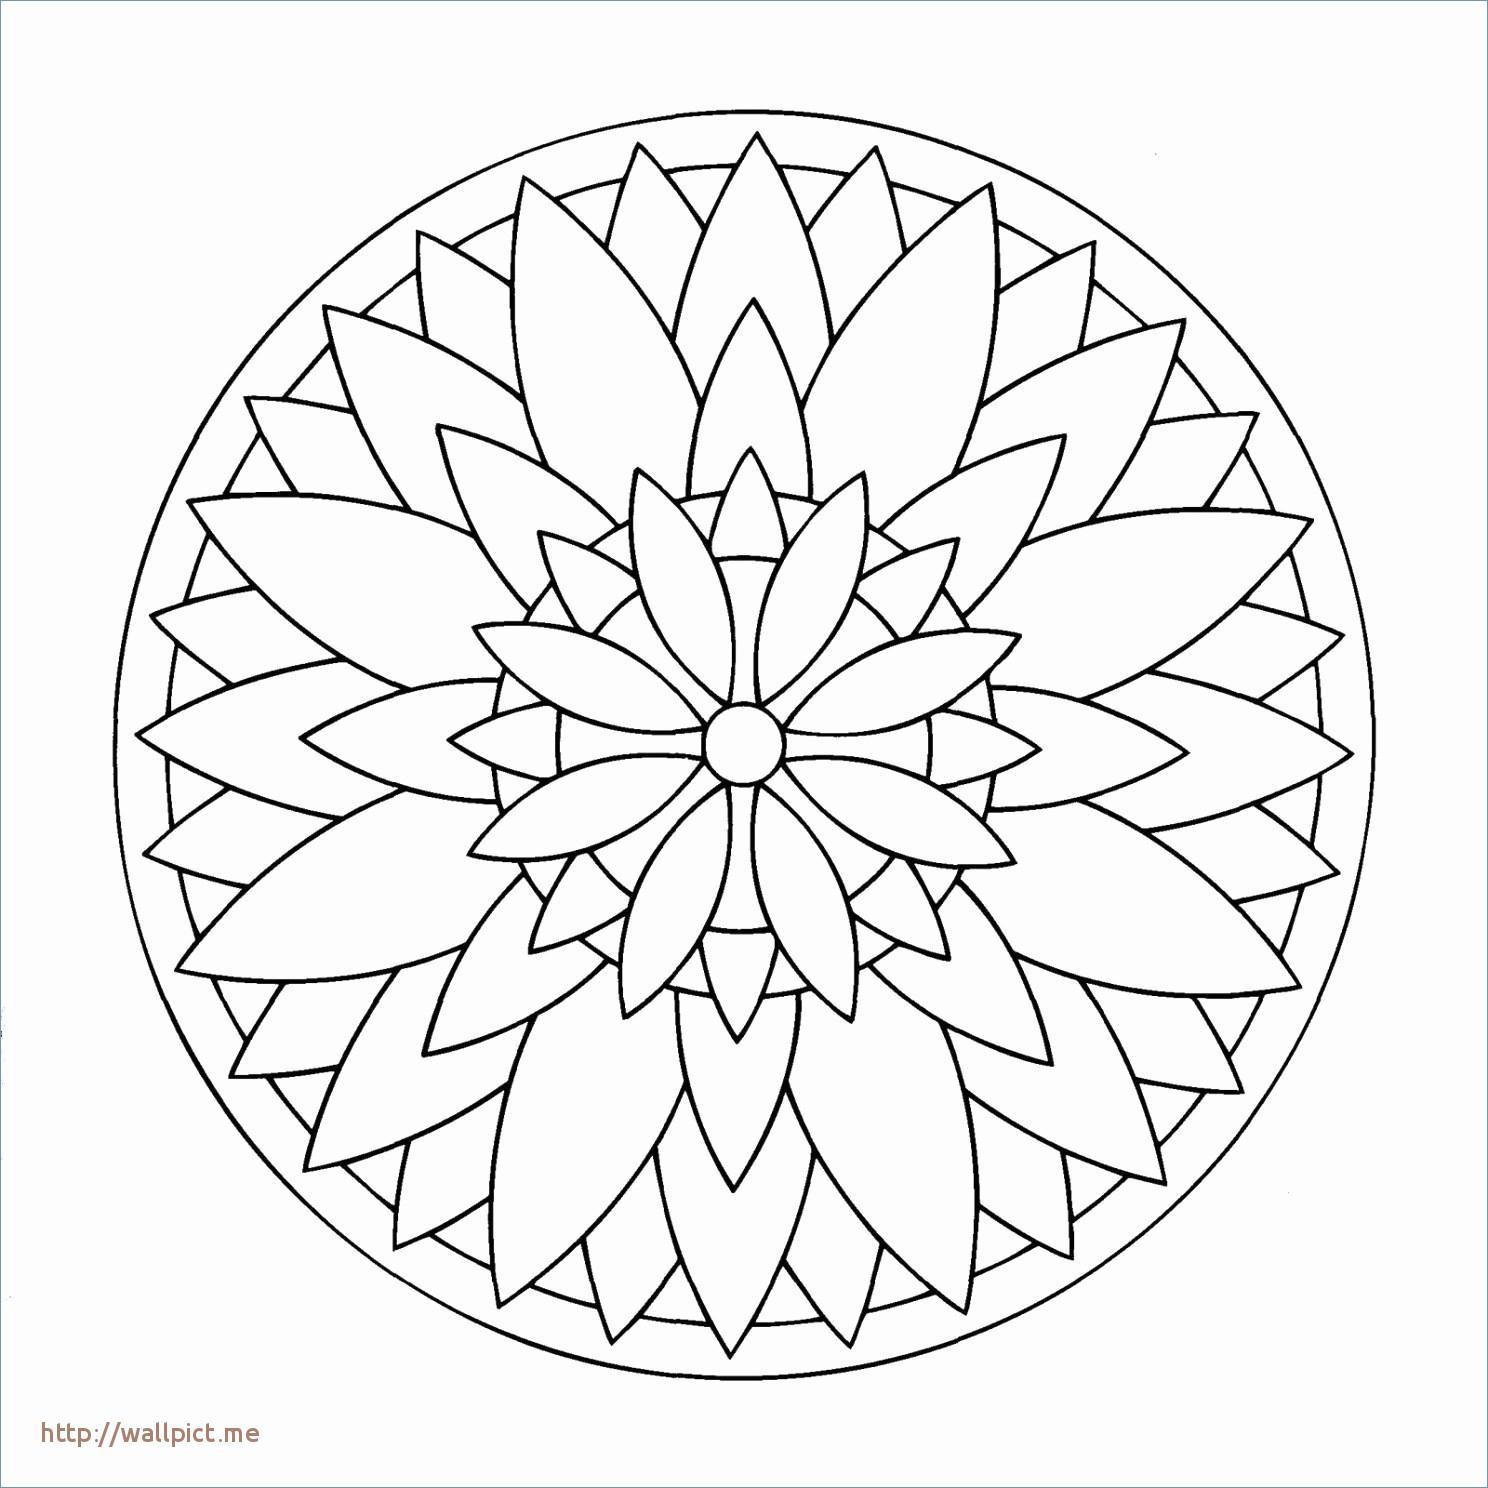 Best Of Coloriage De Mandala A Colorier Sur L Ordinateur destiné Dessin À Colorier Sur L Ordinateur